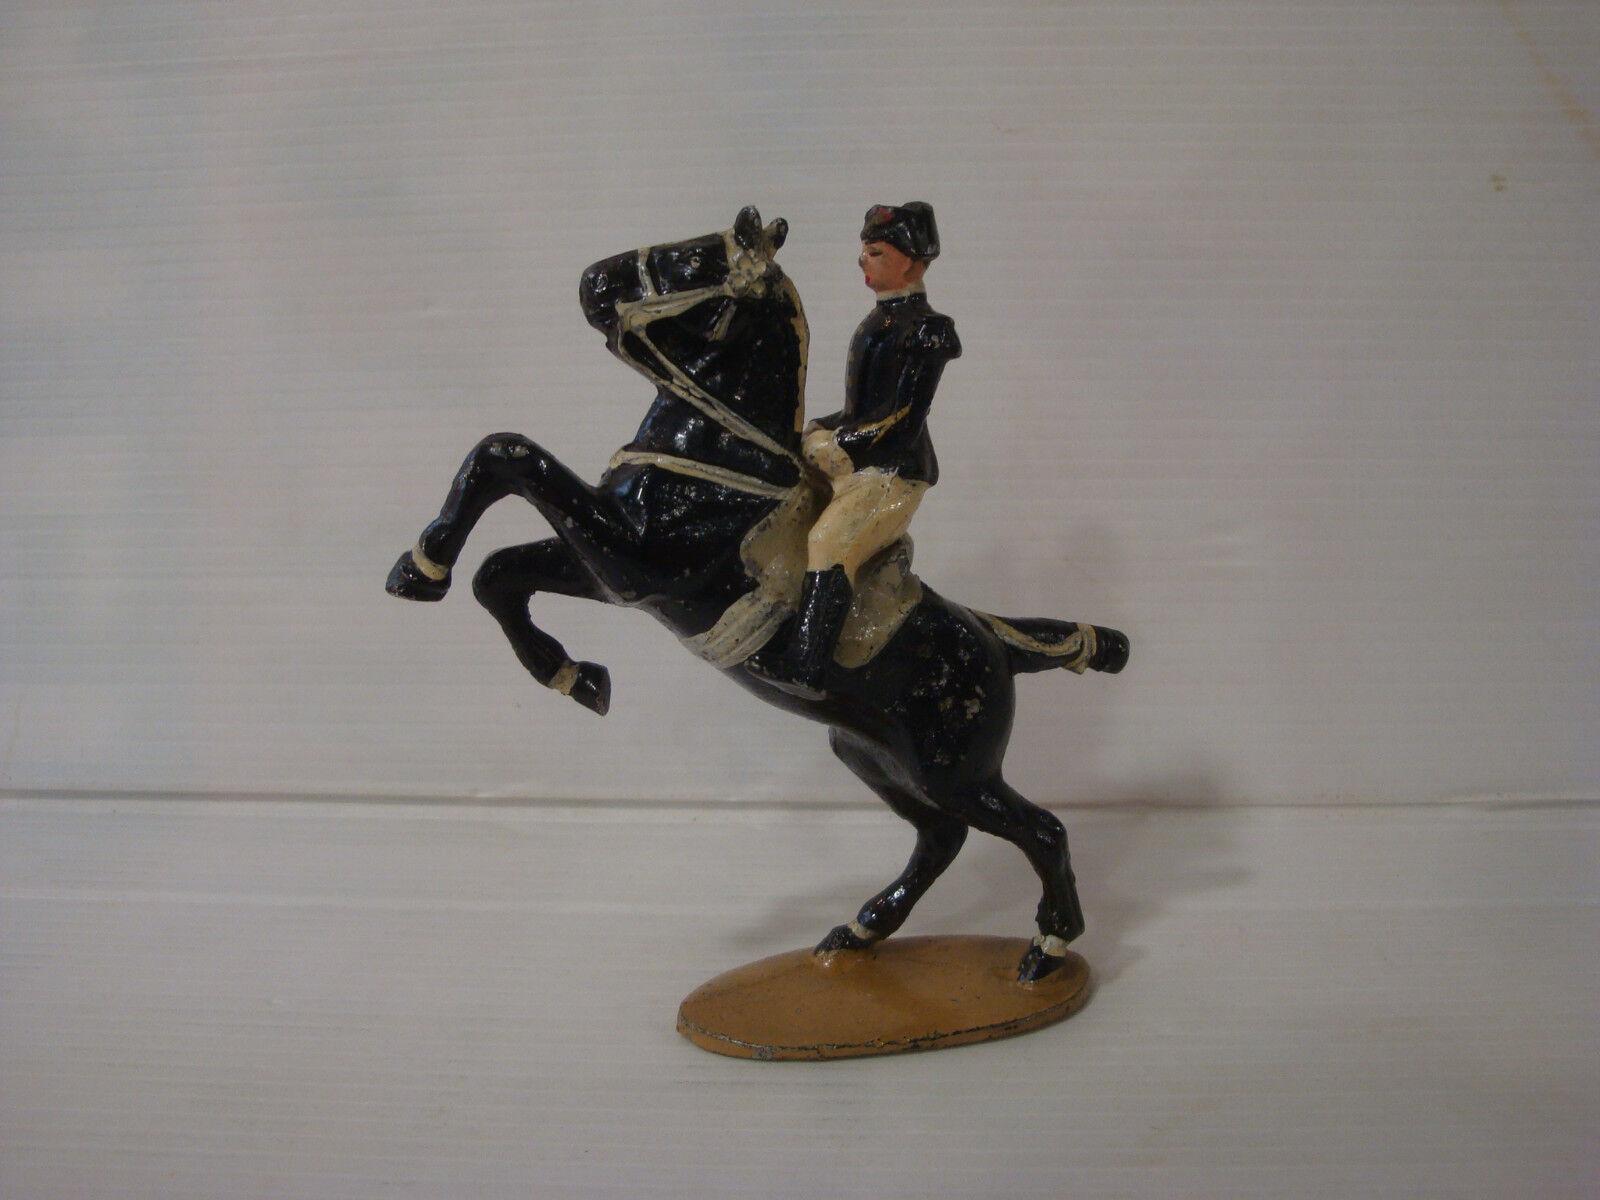 Figürchen antik Quiralu   Reiter Rahmen schwarz Saumur n°1